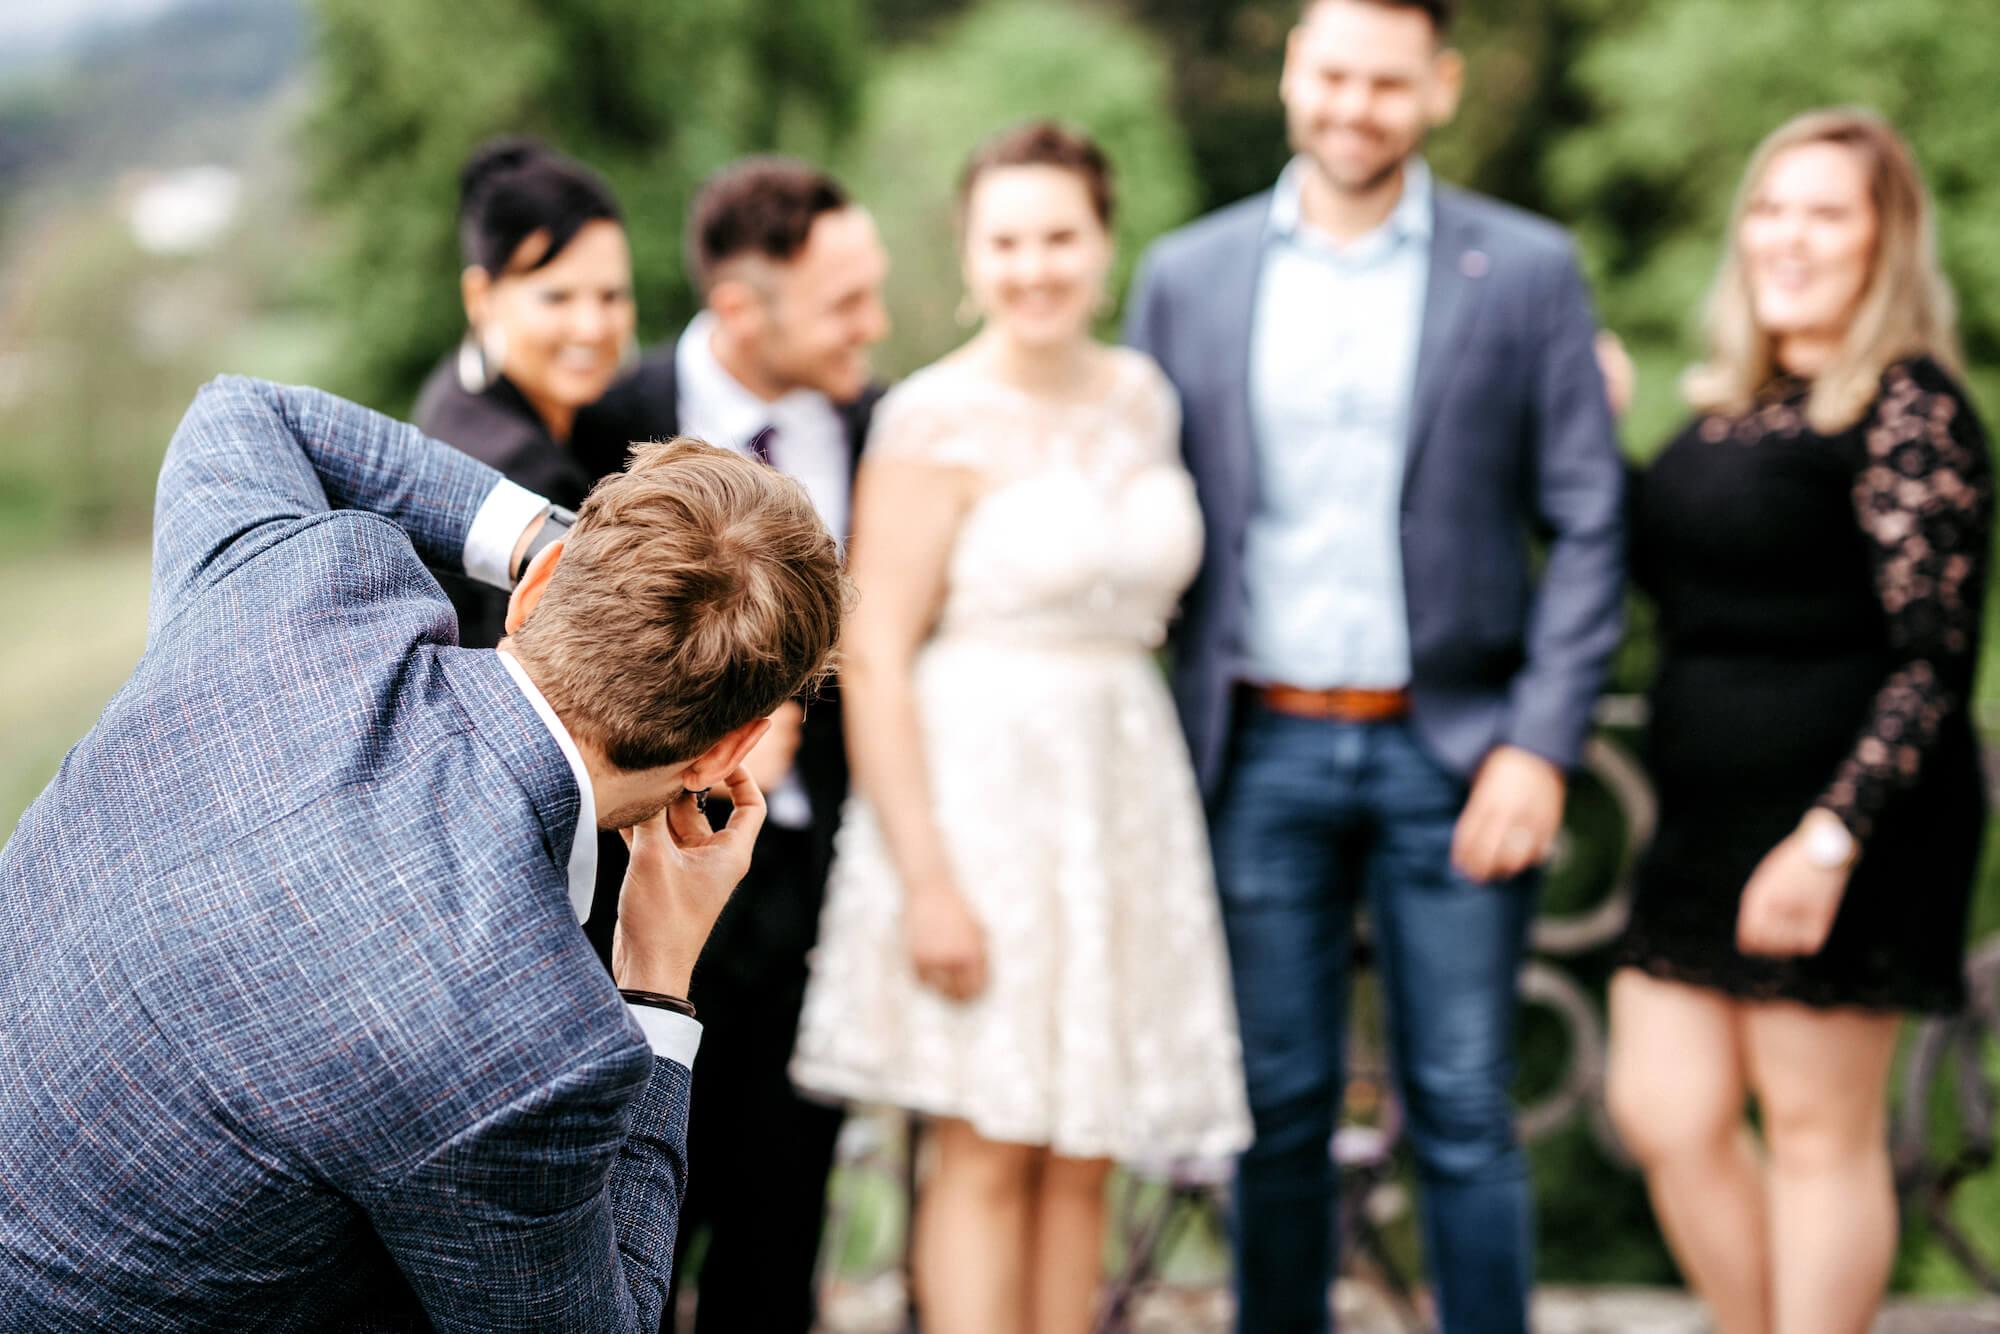 Gruppenfoto Fotograf Chris Widmer Hochzeits-Shooting im Rheintal St. Gallen